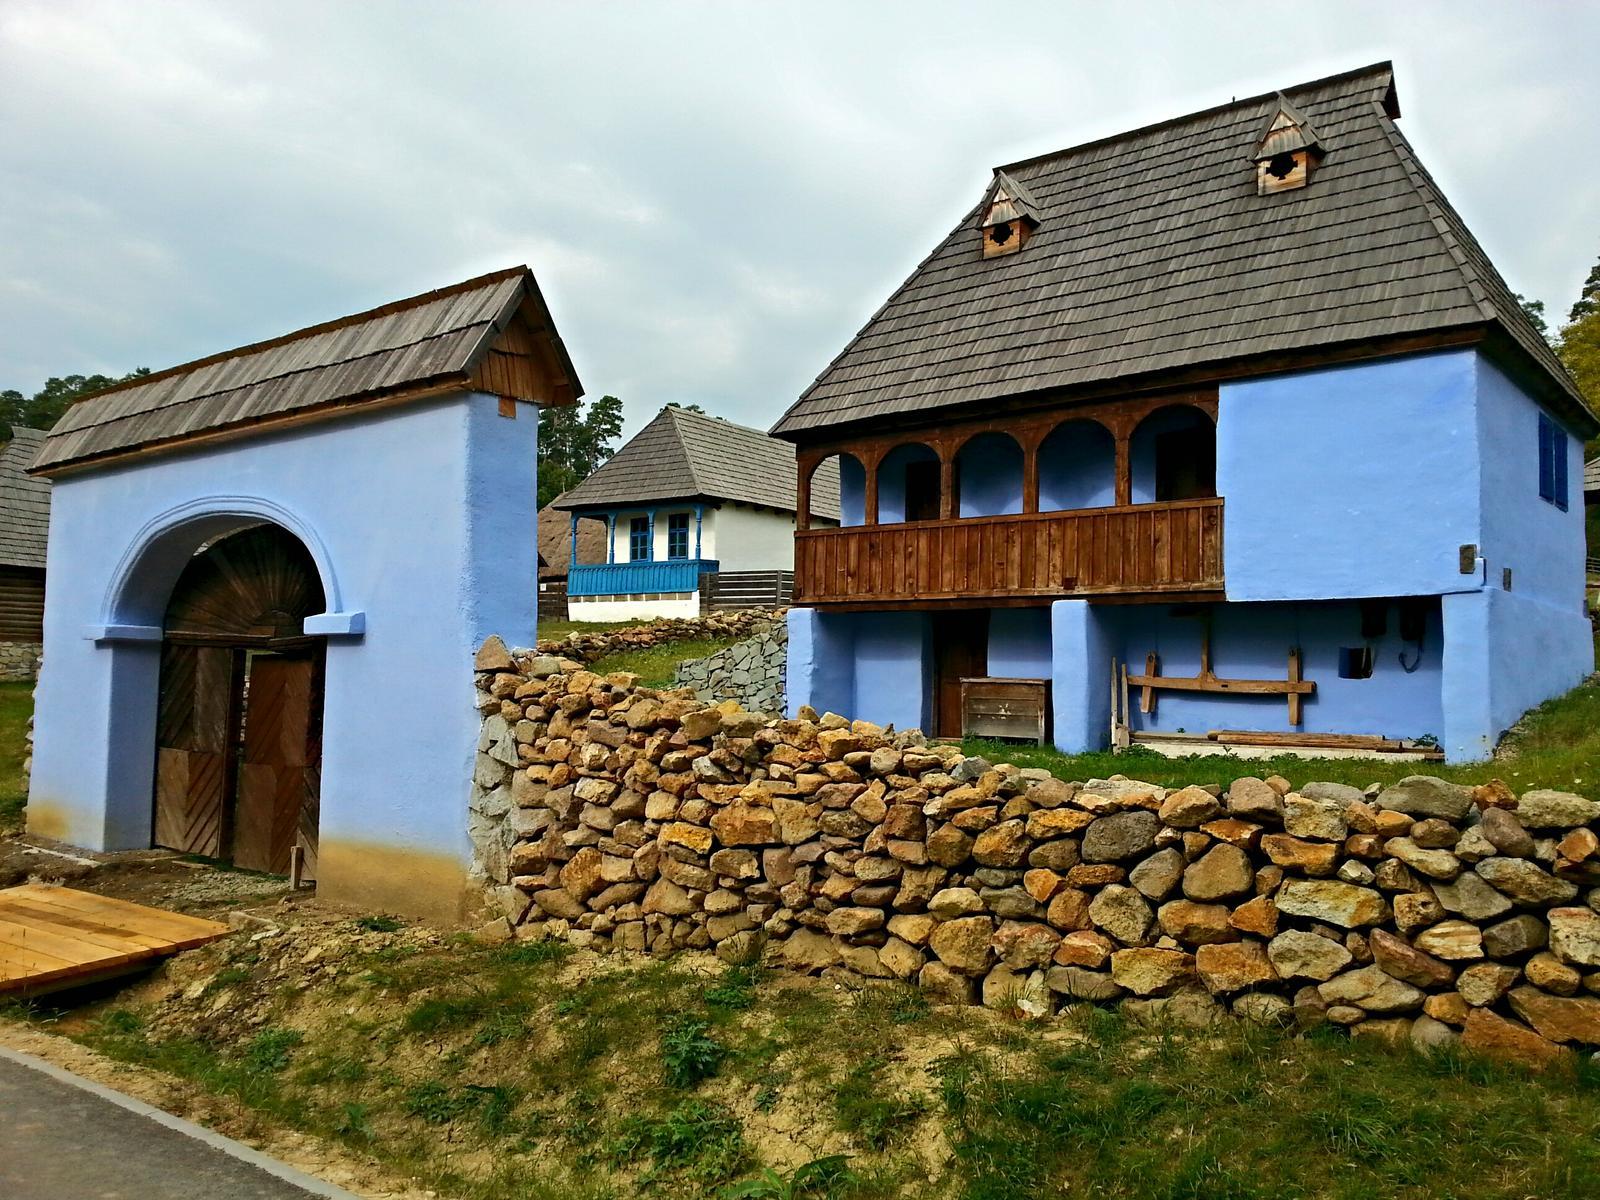 Rumunsko <3 - Obrázok č. 1